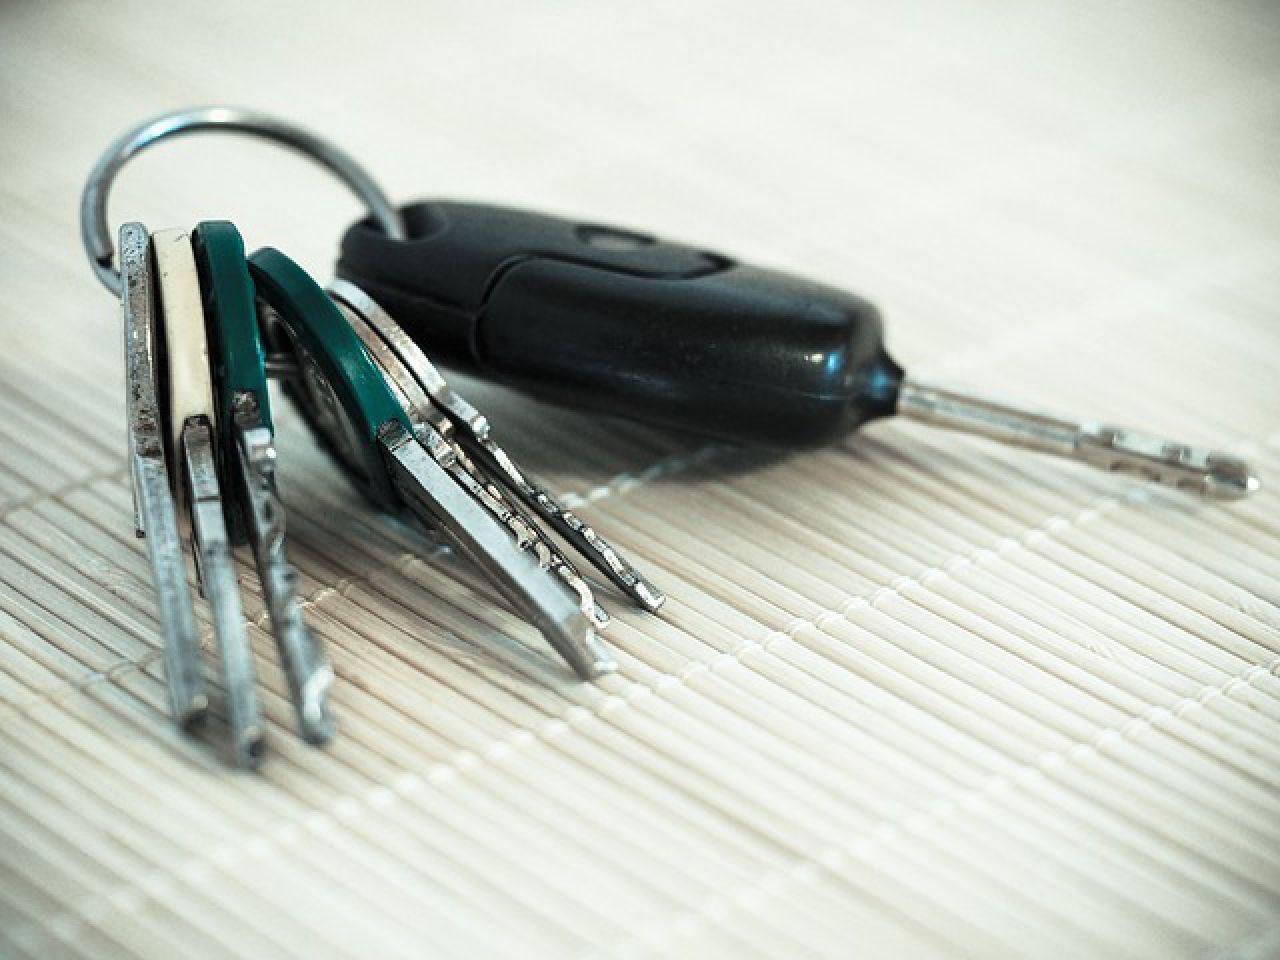 Četvrti ponovljeni postupak javne prodaje osobnog motornog vozila